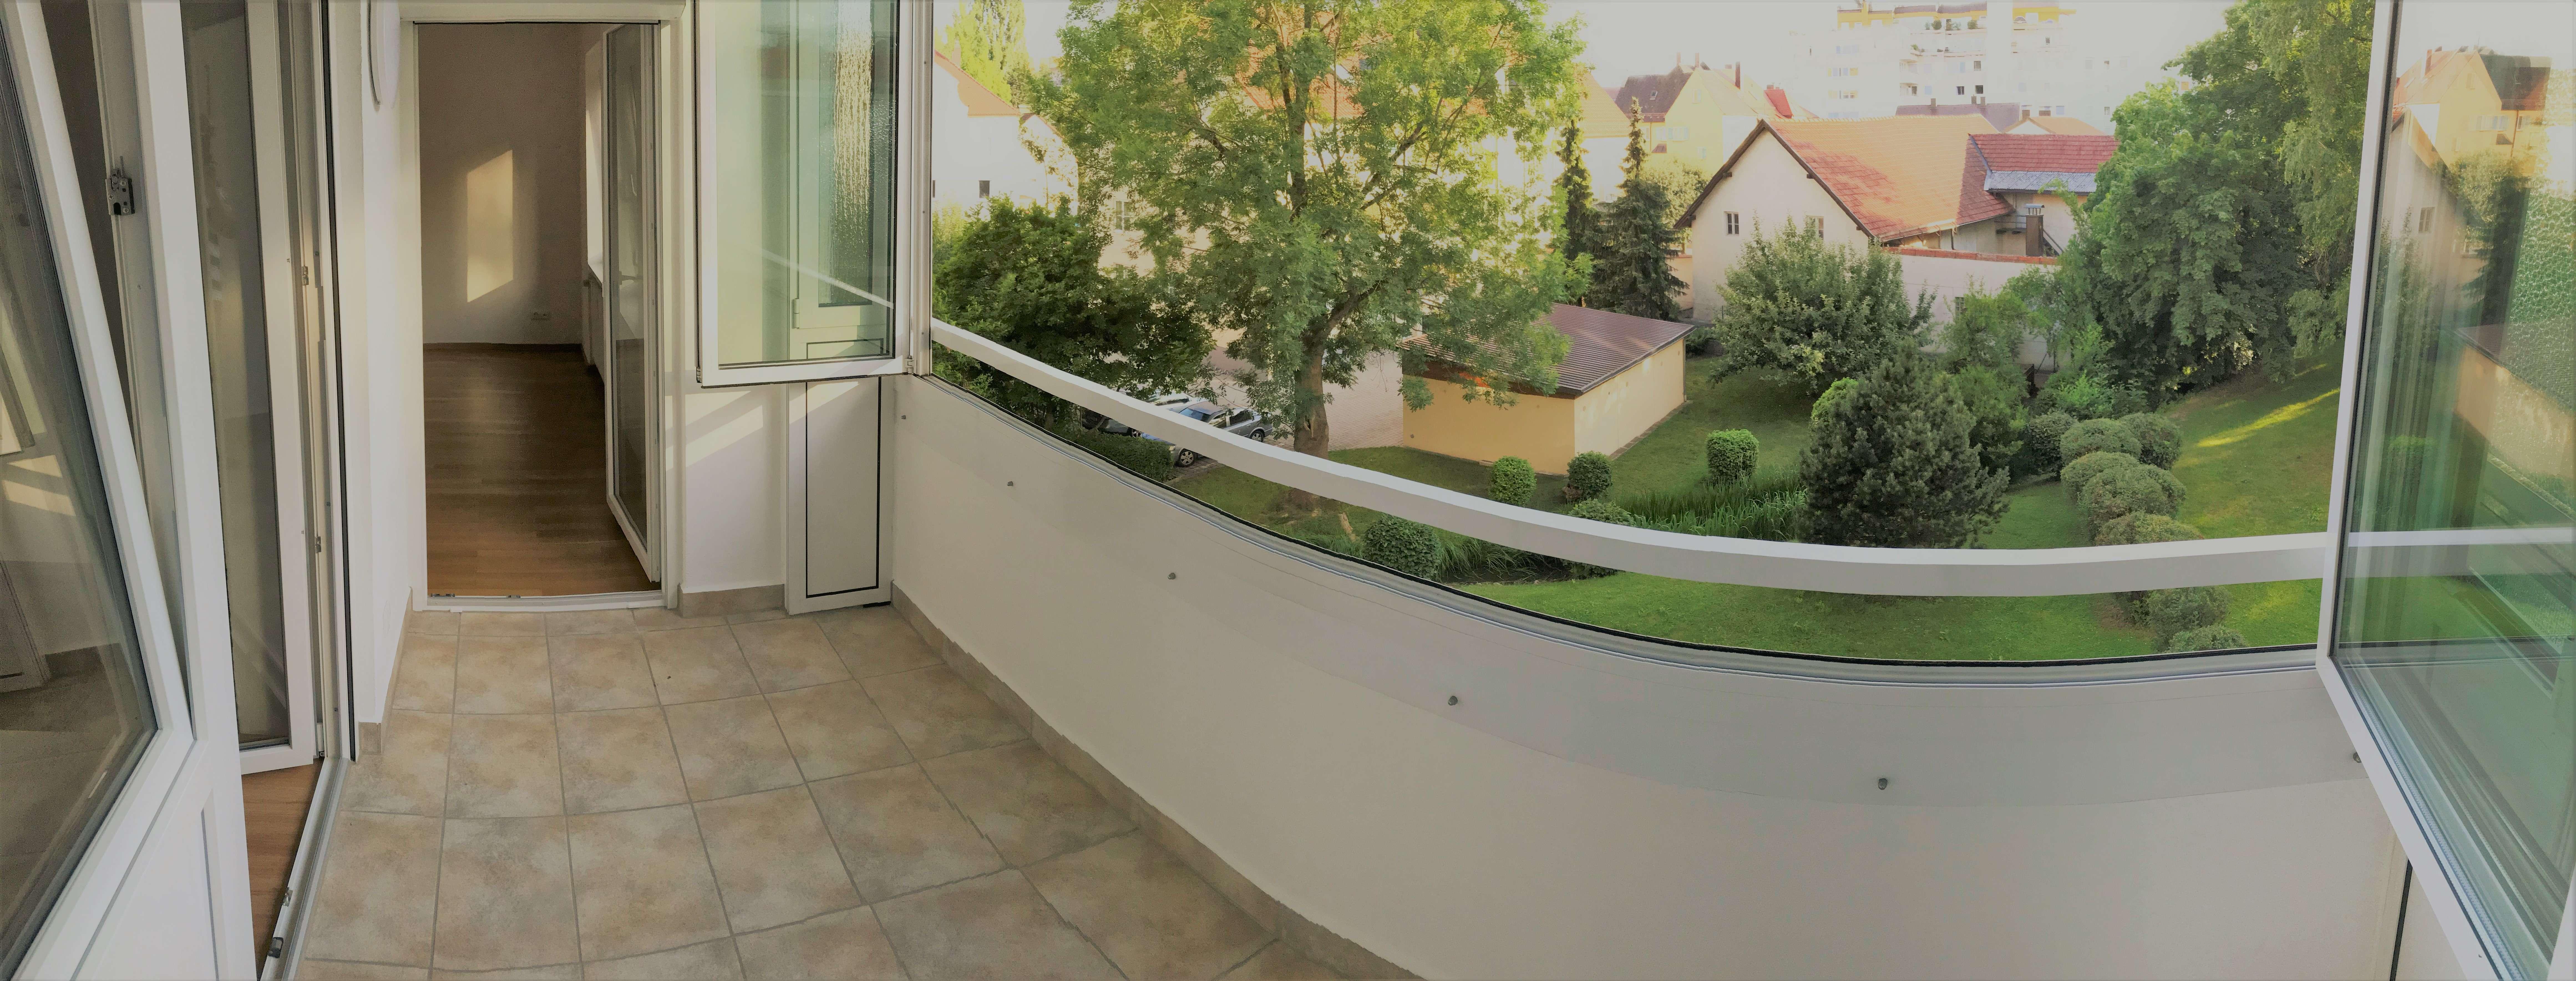 3 Zimmer-Wohnung mit ca. 84m² in Landshut / Erstbezug nach Renovierung